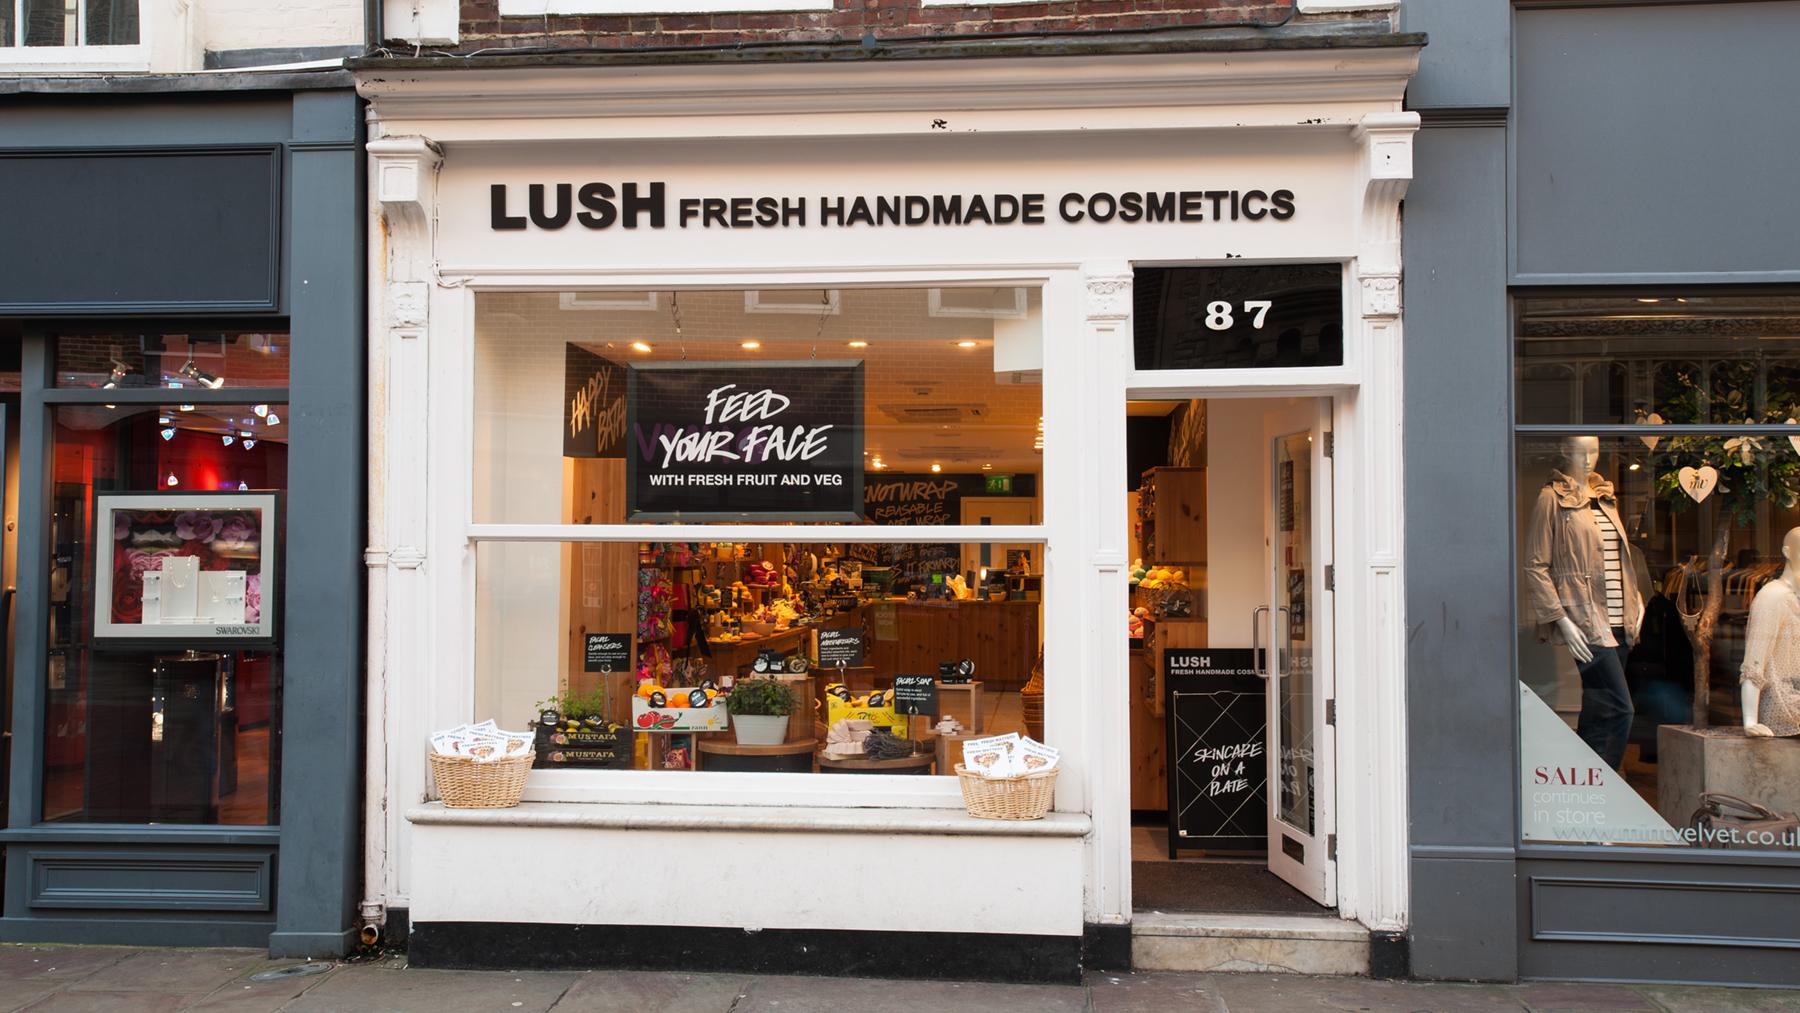 chichester lush fresh handmade cosmetics uk